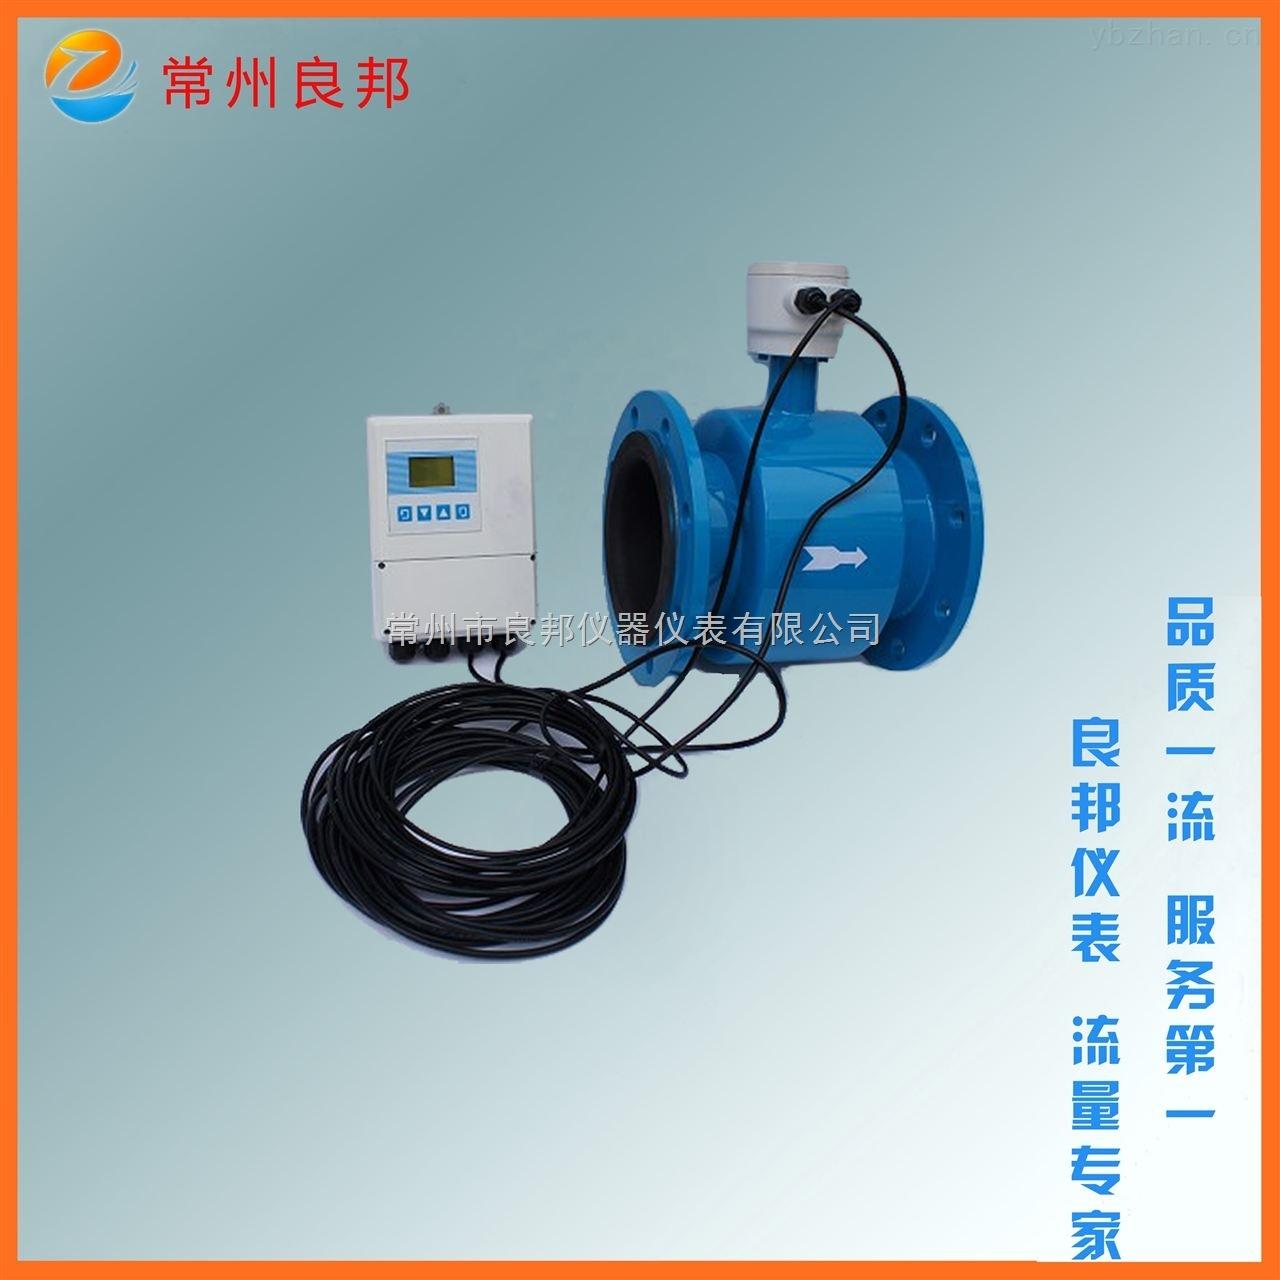 LDG-80/CR-智能污水电磁流量计厂家现货供应